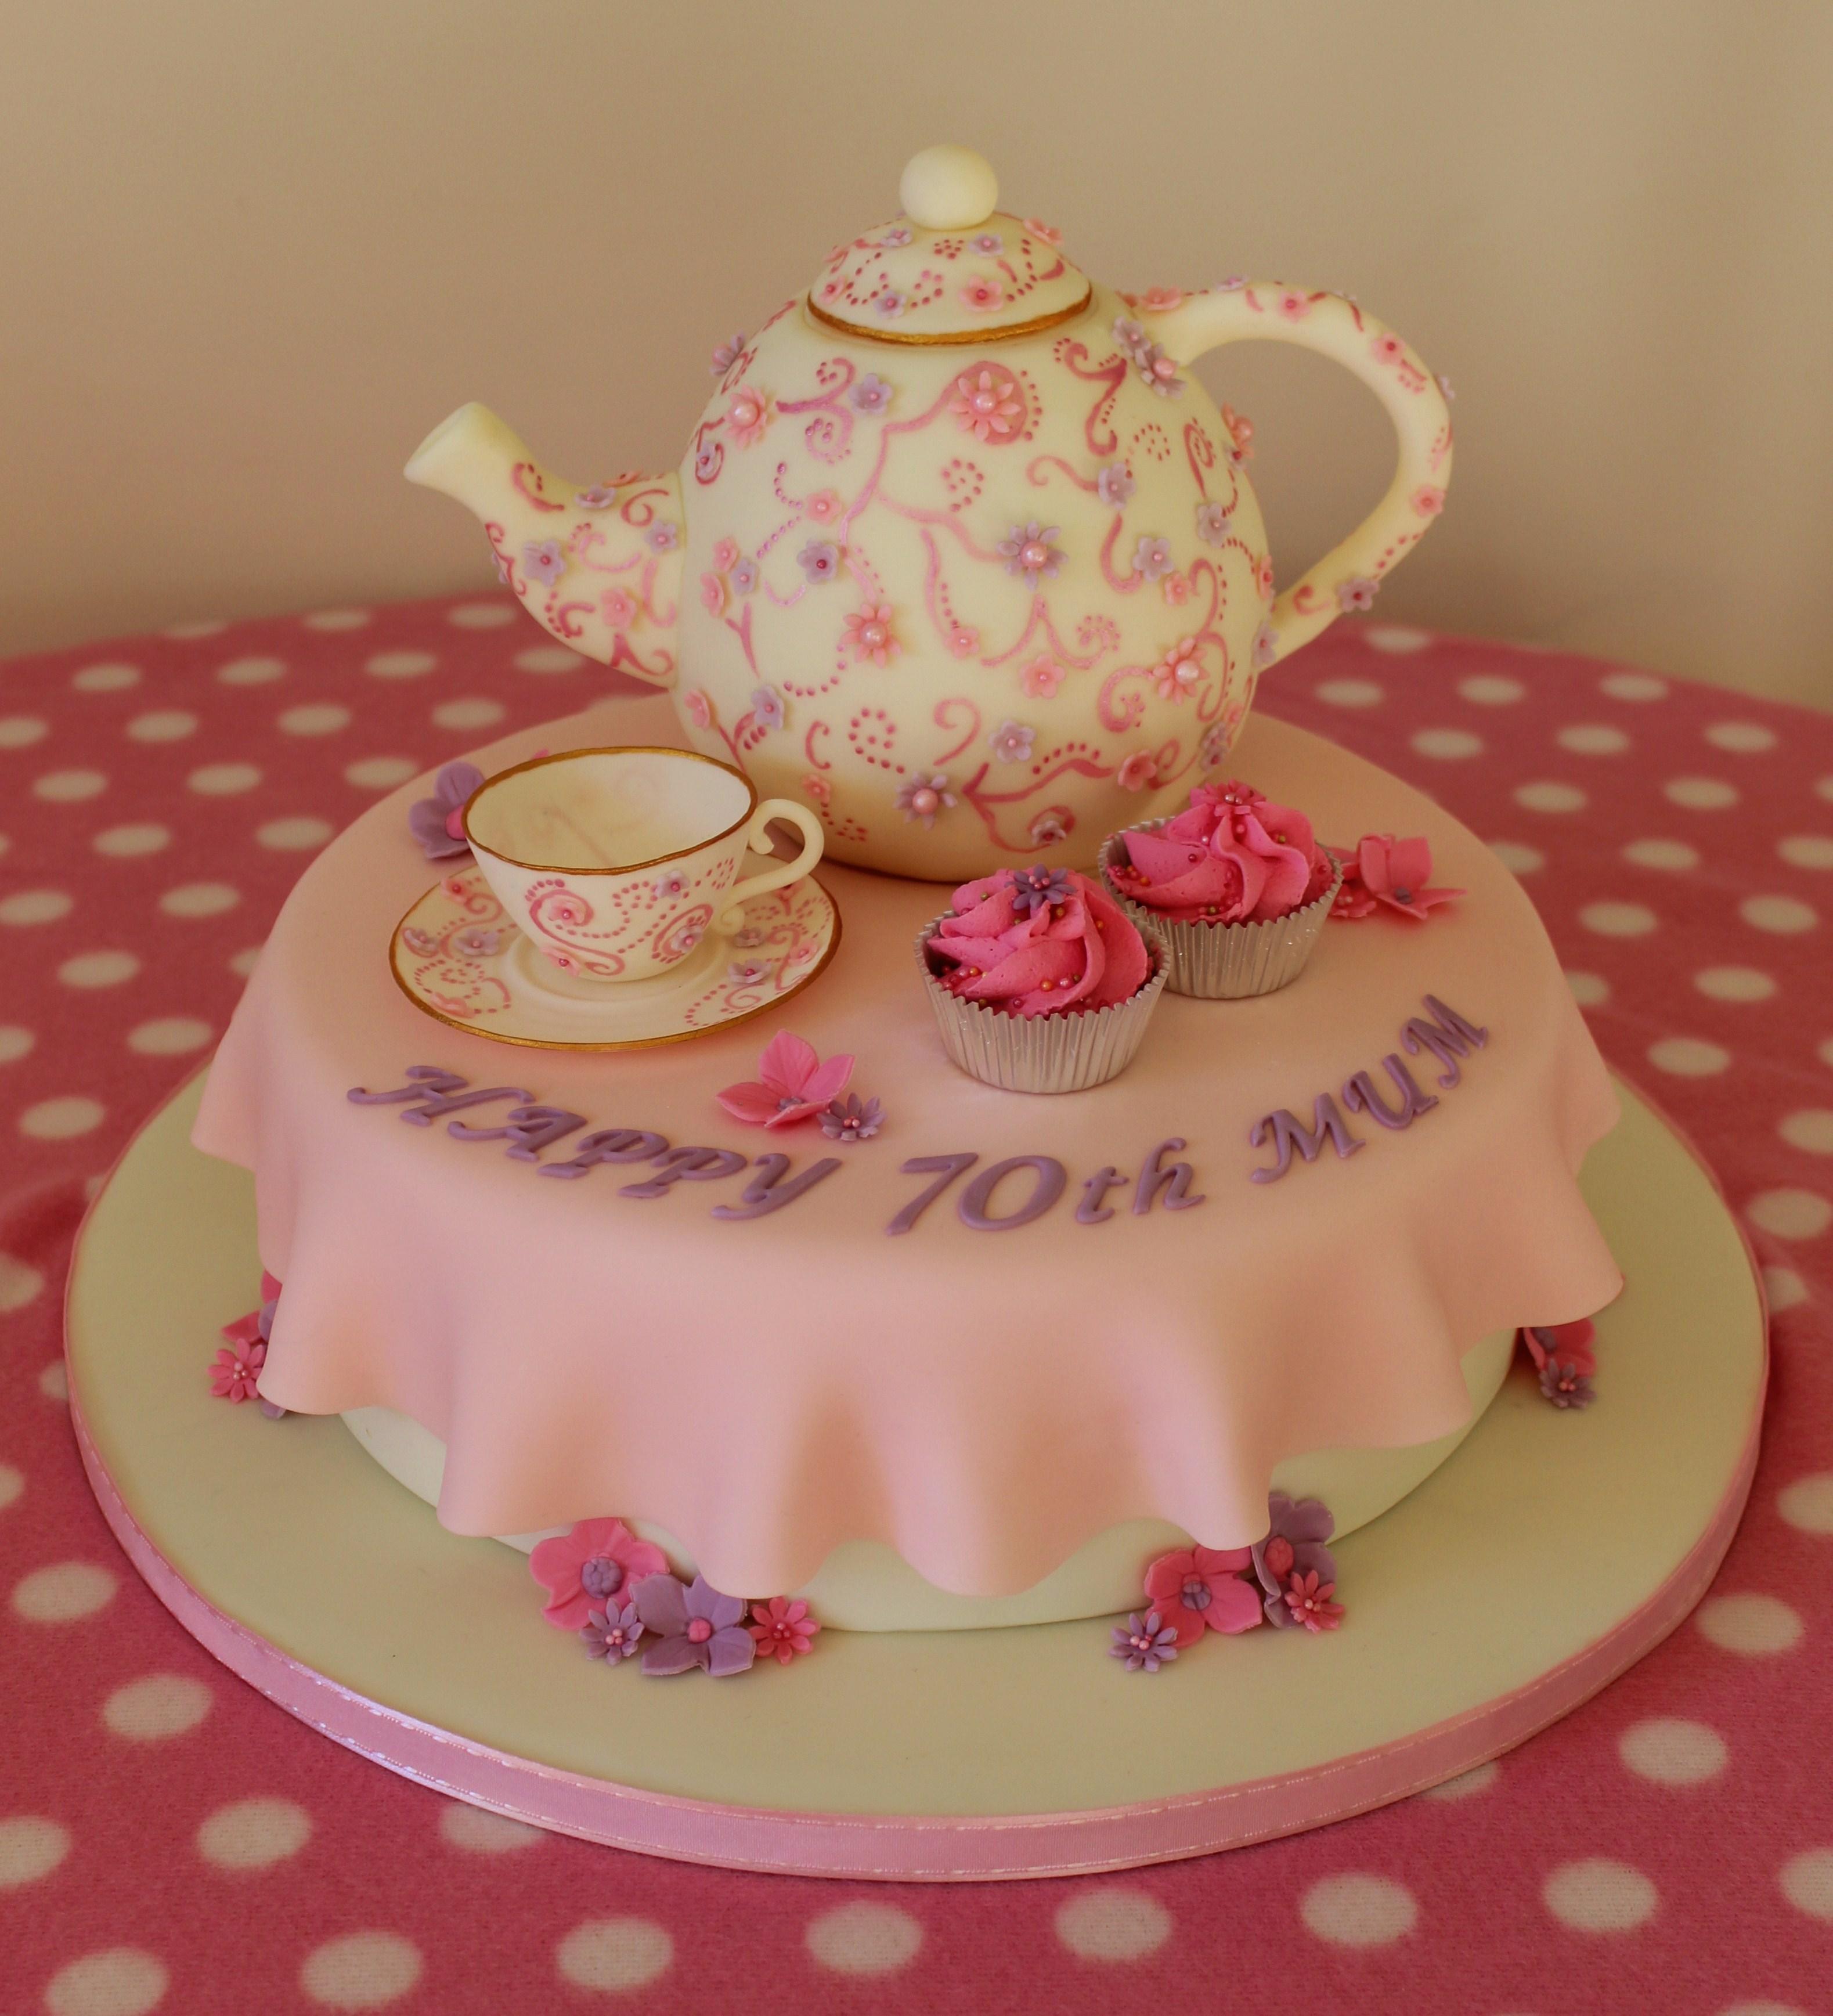 70th Birthday Cake Ideas Female Driveeapusedmotorhomefo